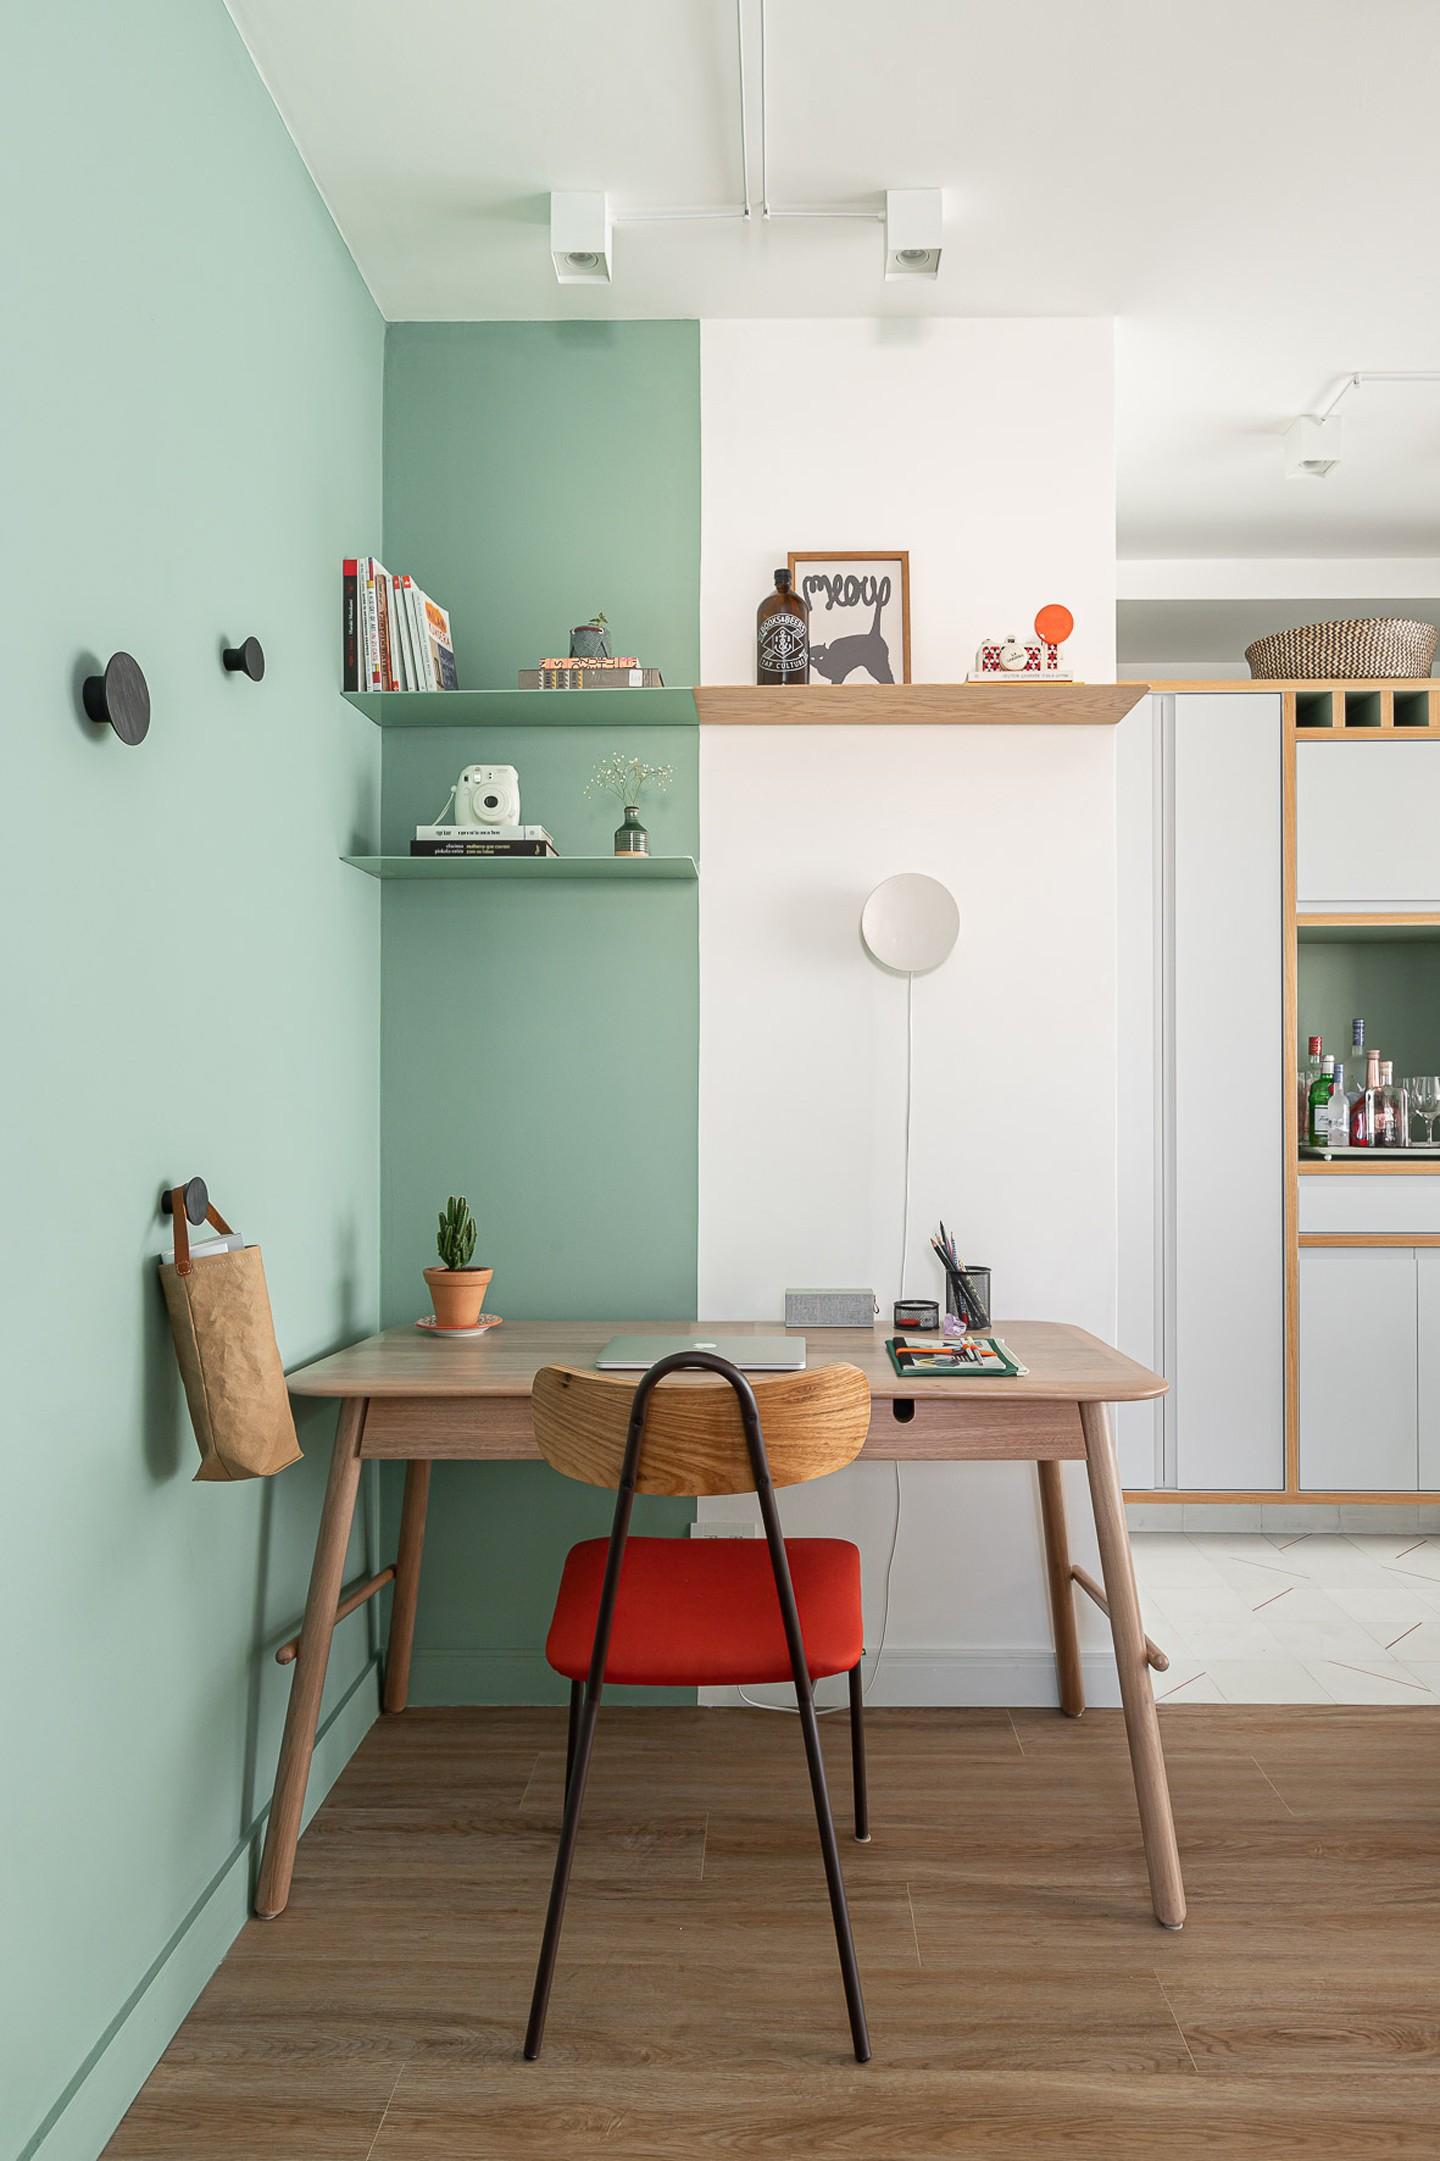 Décor do dia: home office colorido em apartamento pequeno (Foto: Gisele Rampazzo/Divulgação)